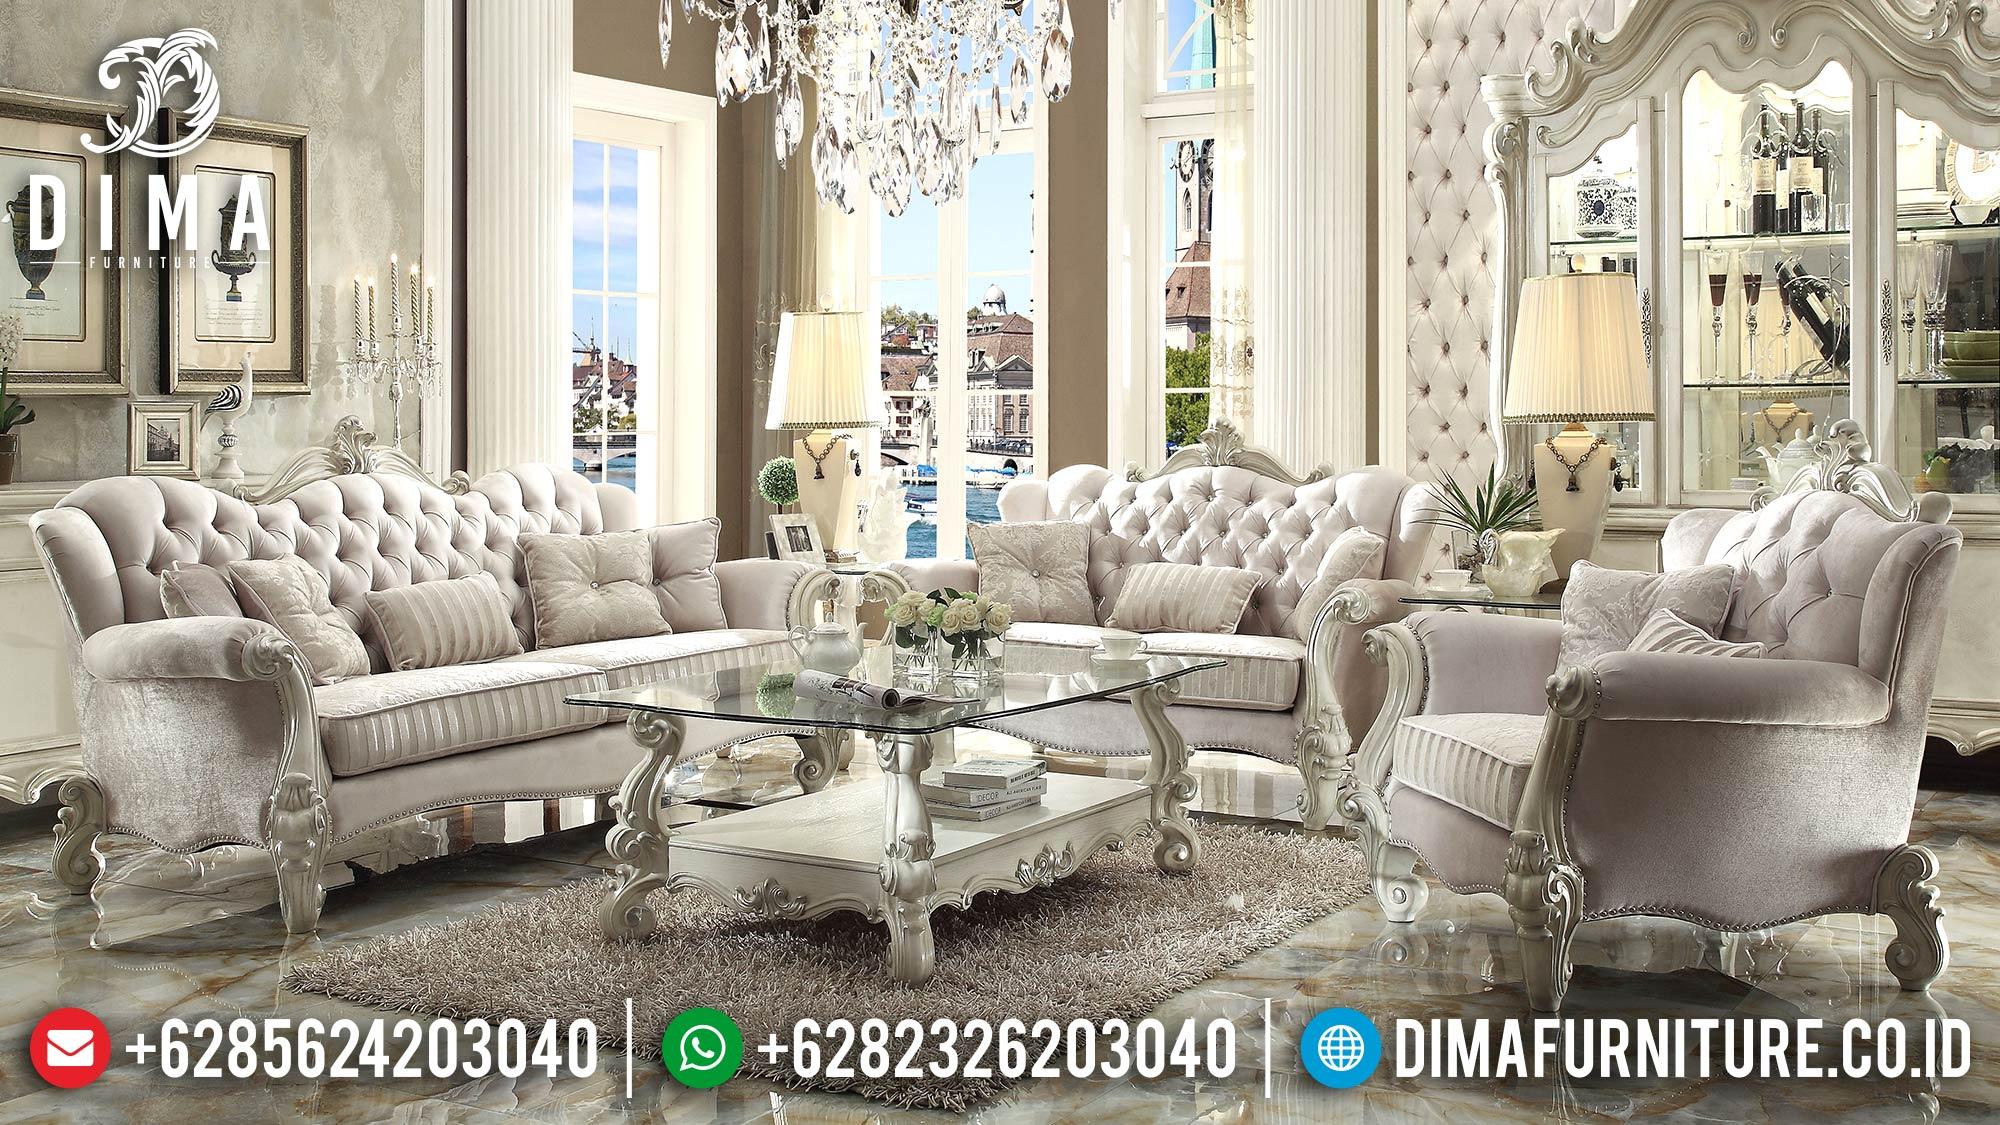 Sofa Ruang Tamu Mewah Jepara Model Terbaru Klasik Eropa DF-0526